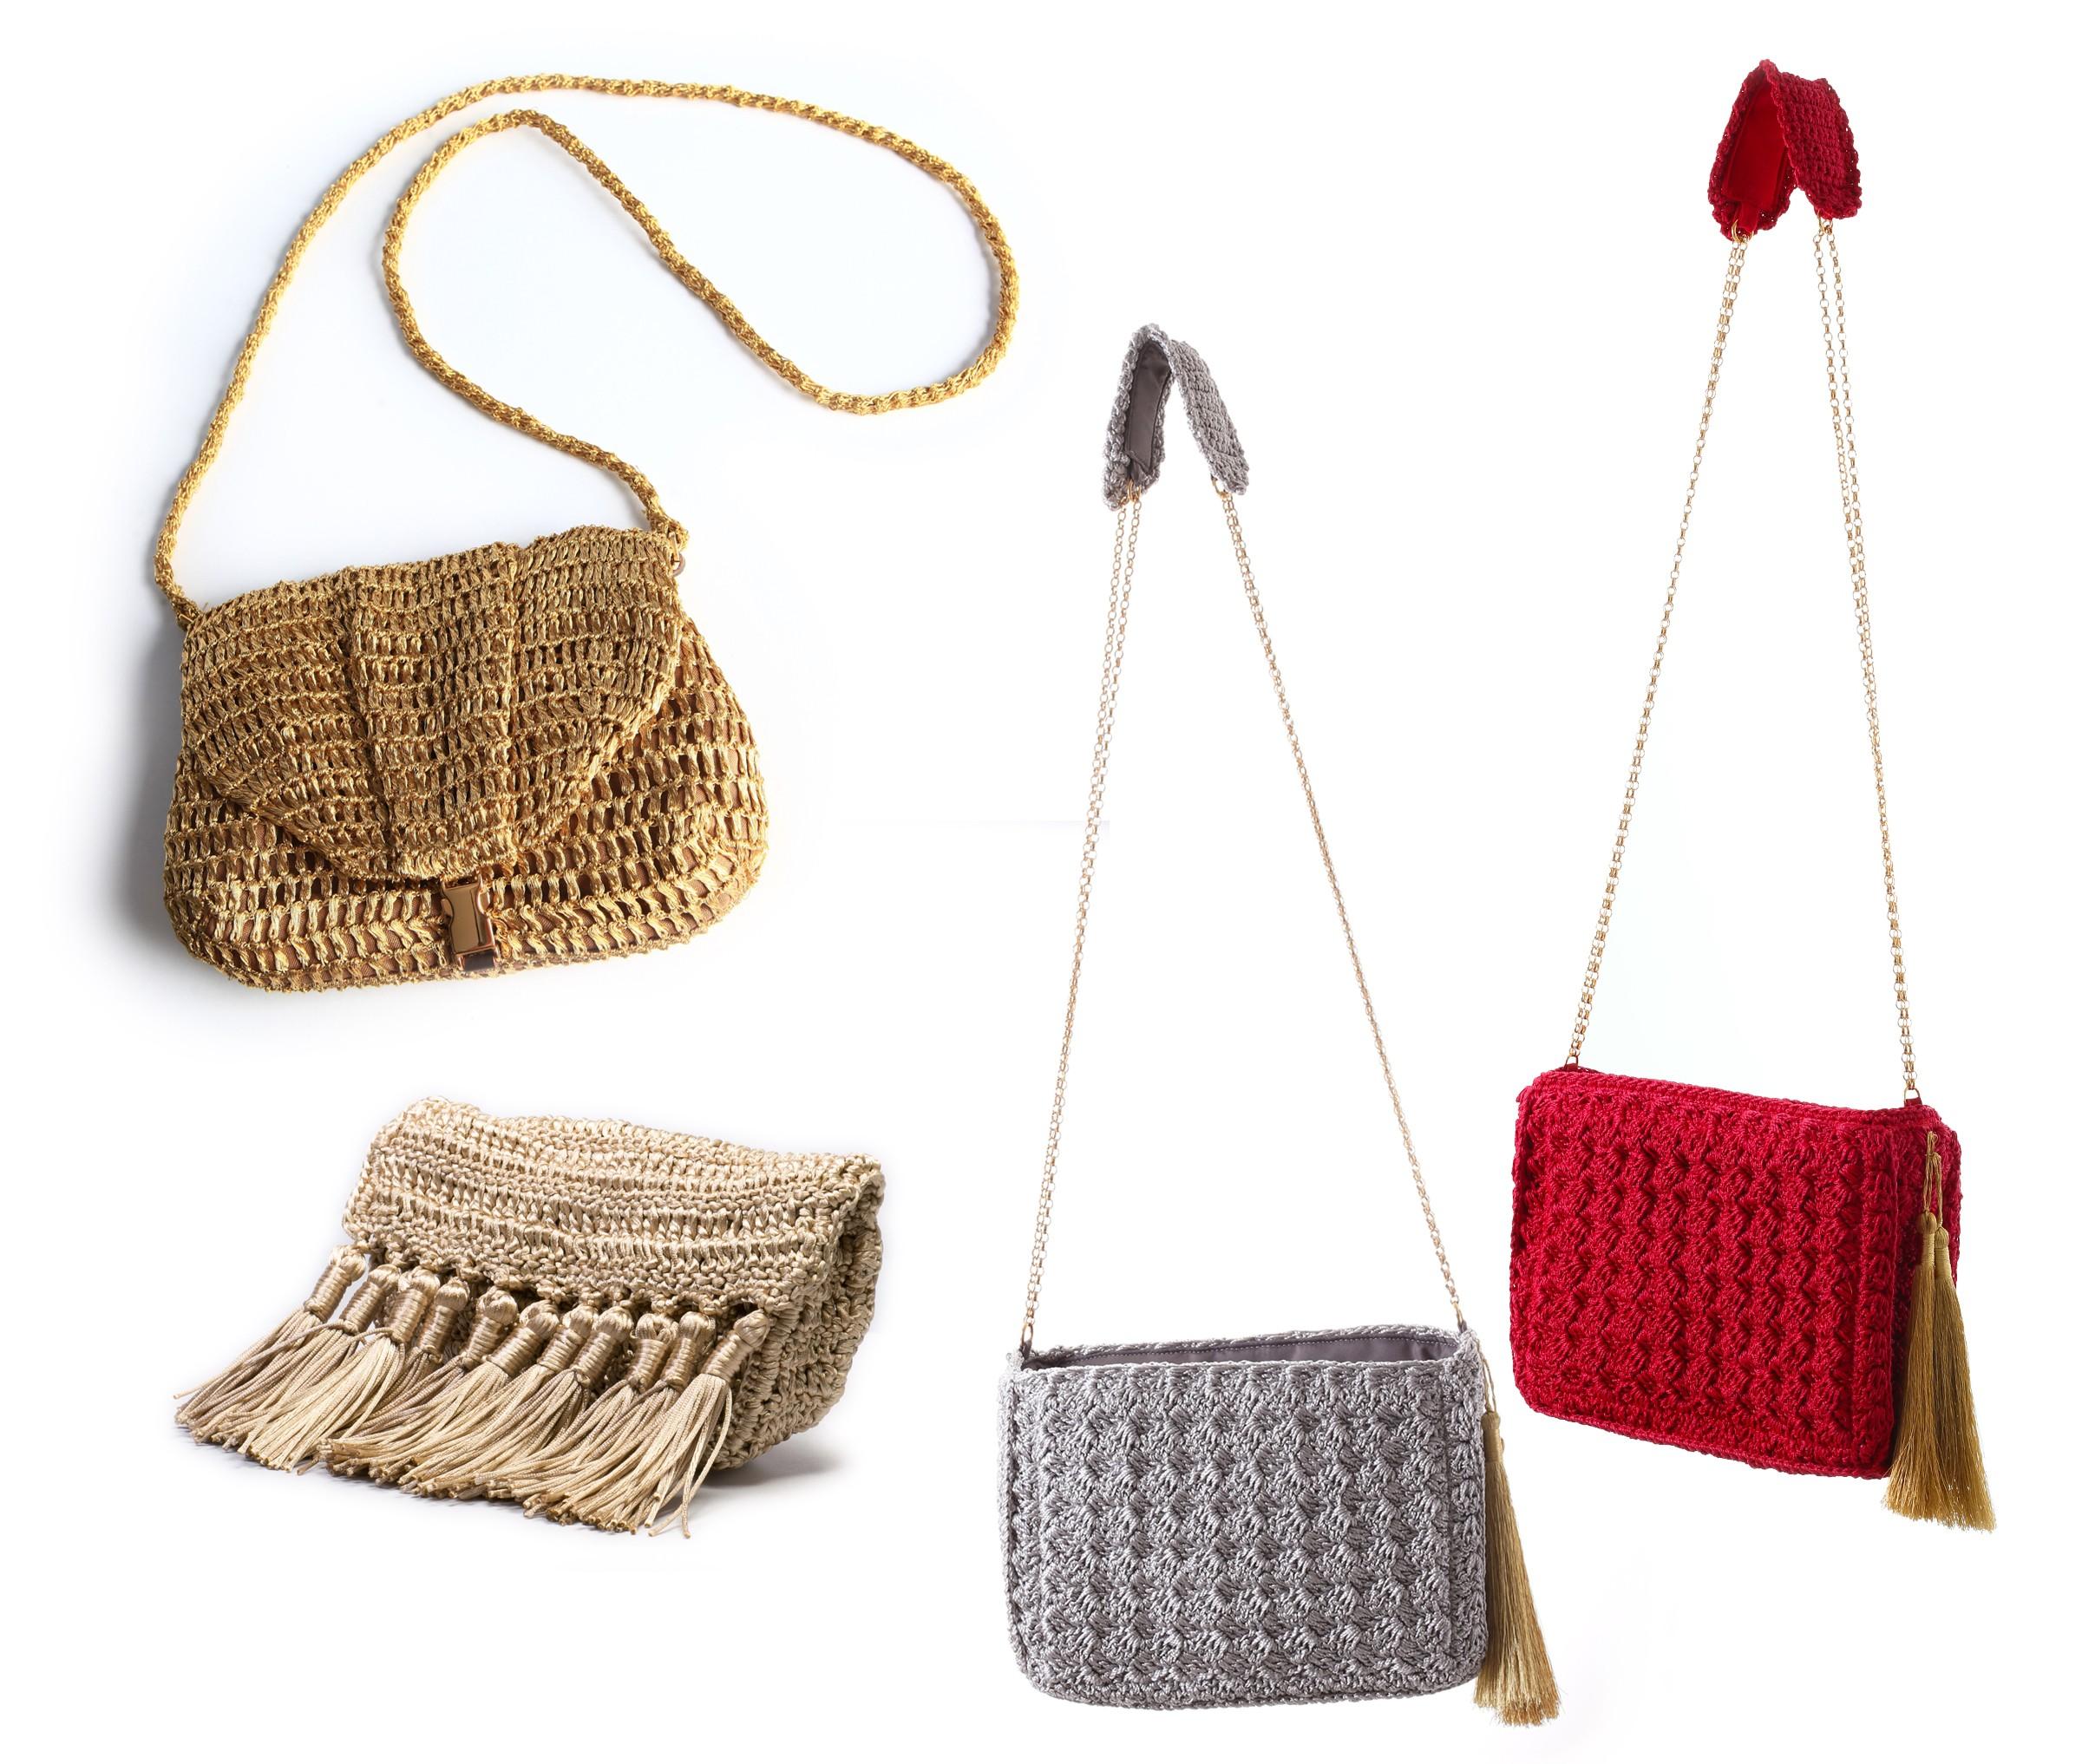 Bolsa De Festa Em Croche Passo A Passo : Conhe?a j? de paula marca slow fashion que cria bolsas em